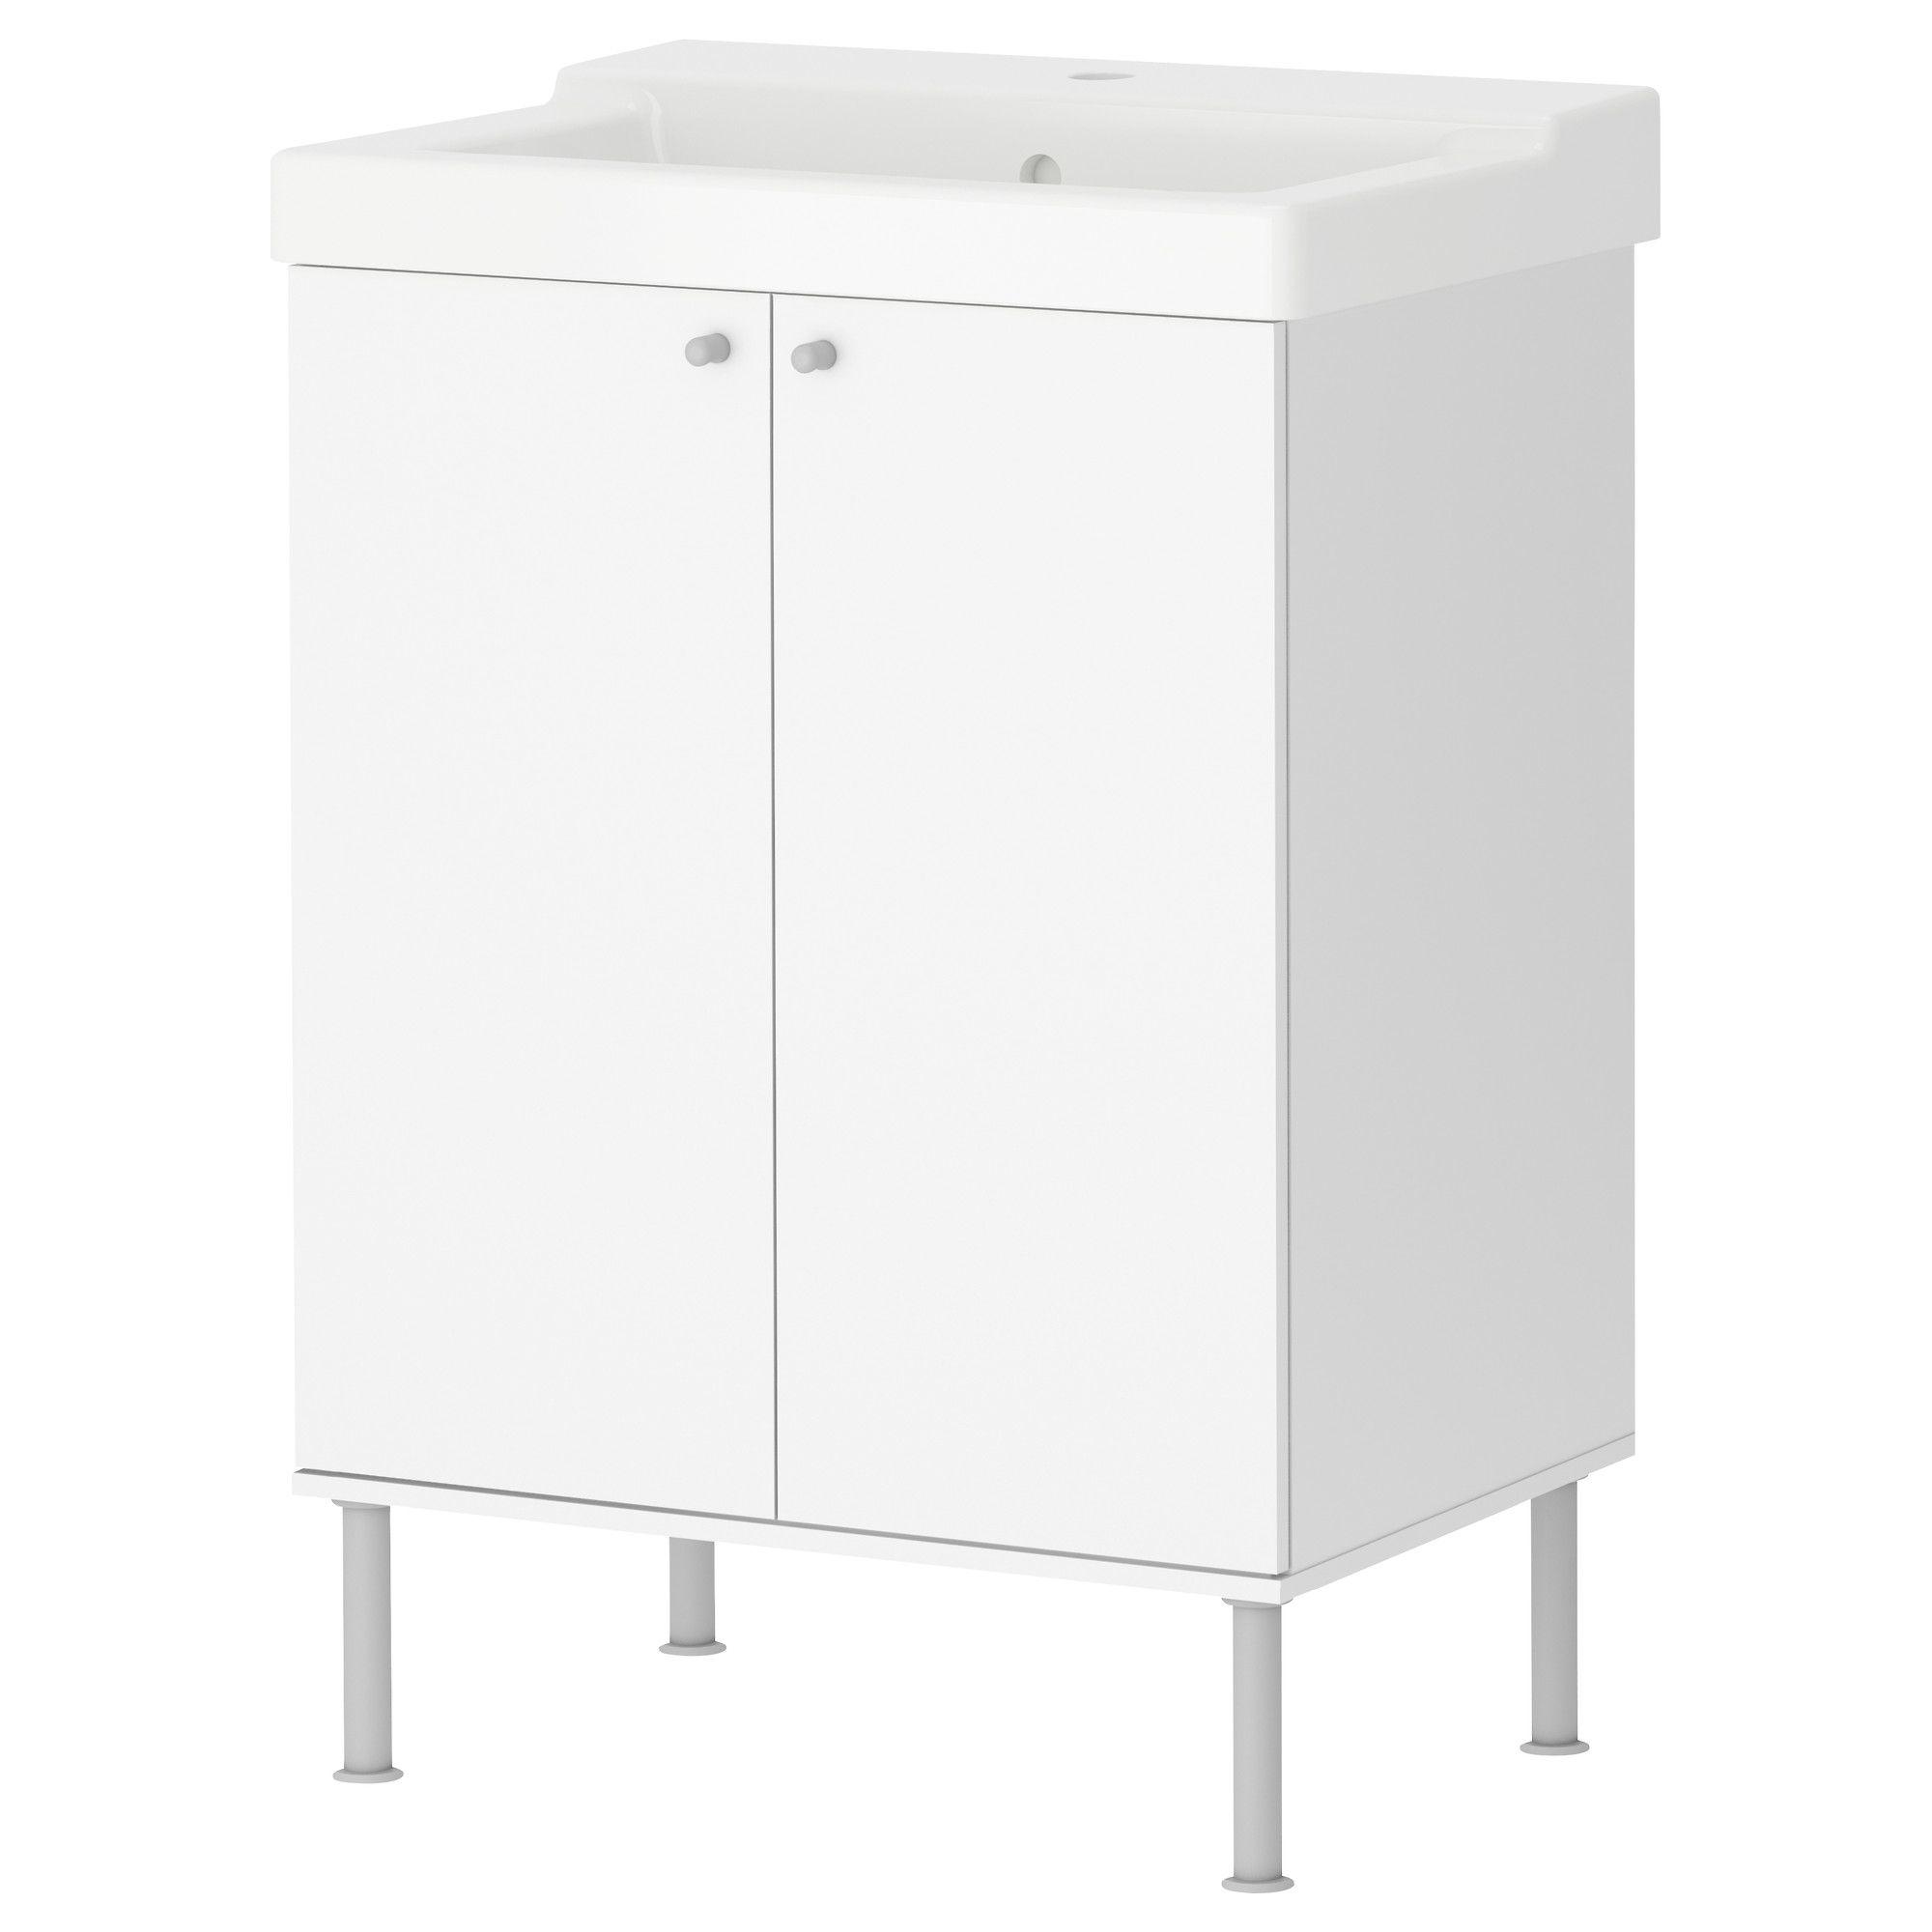 FULLEN / TLLEVIKEN Sink cabinet, white   Pinterest ...